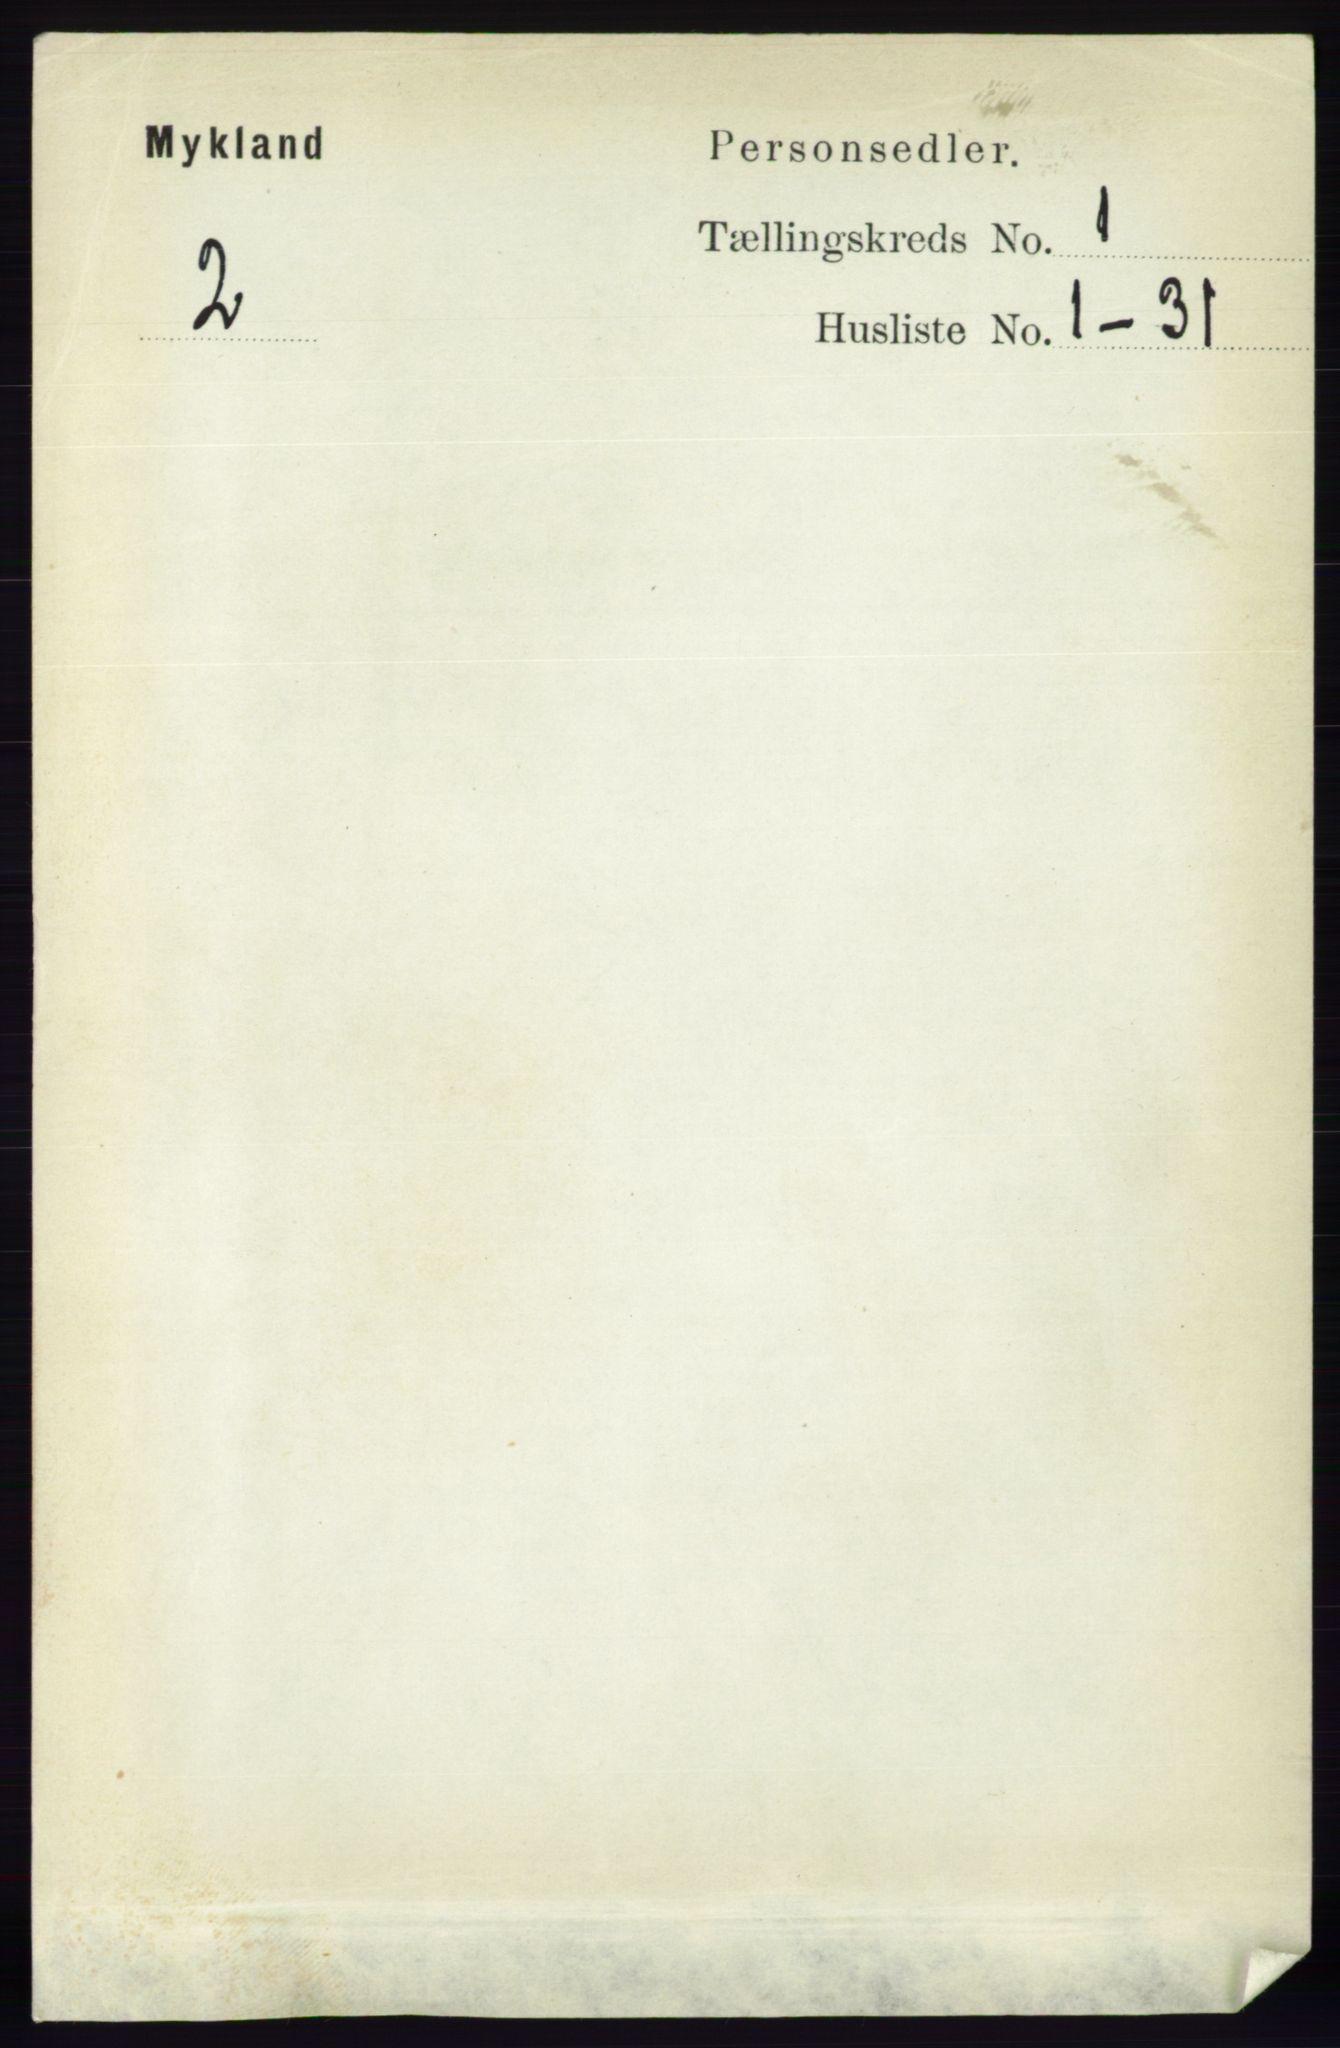 RA, Folketelling 1891 for 0932 Mykland herred, 1891, s. 45